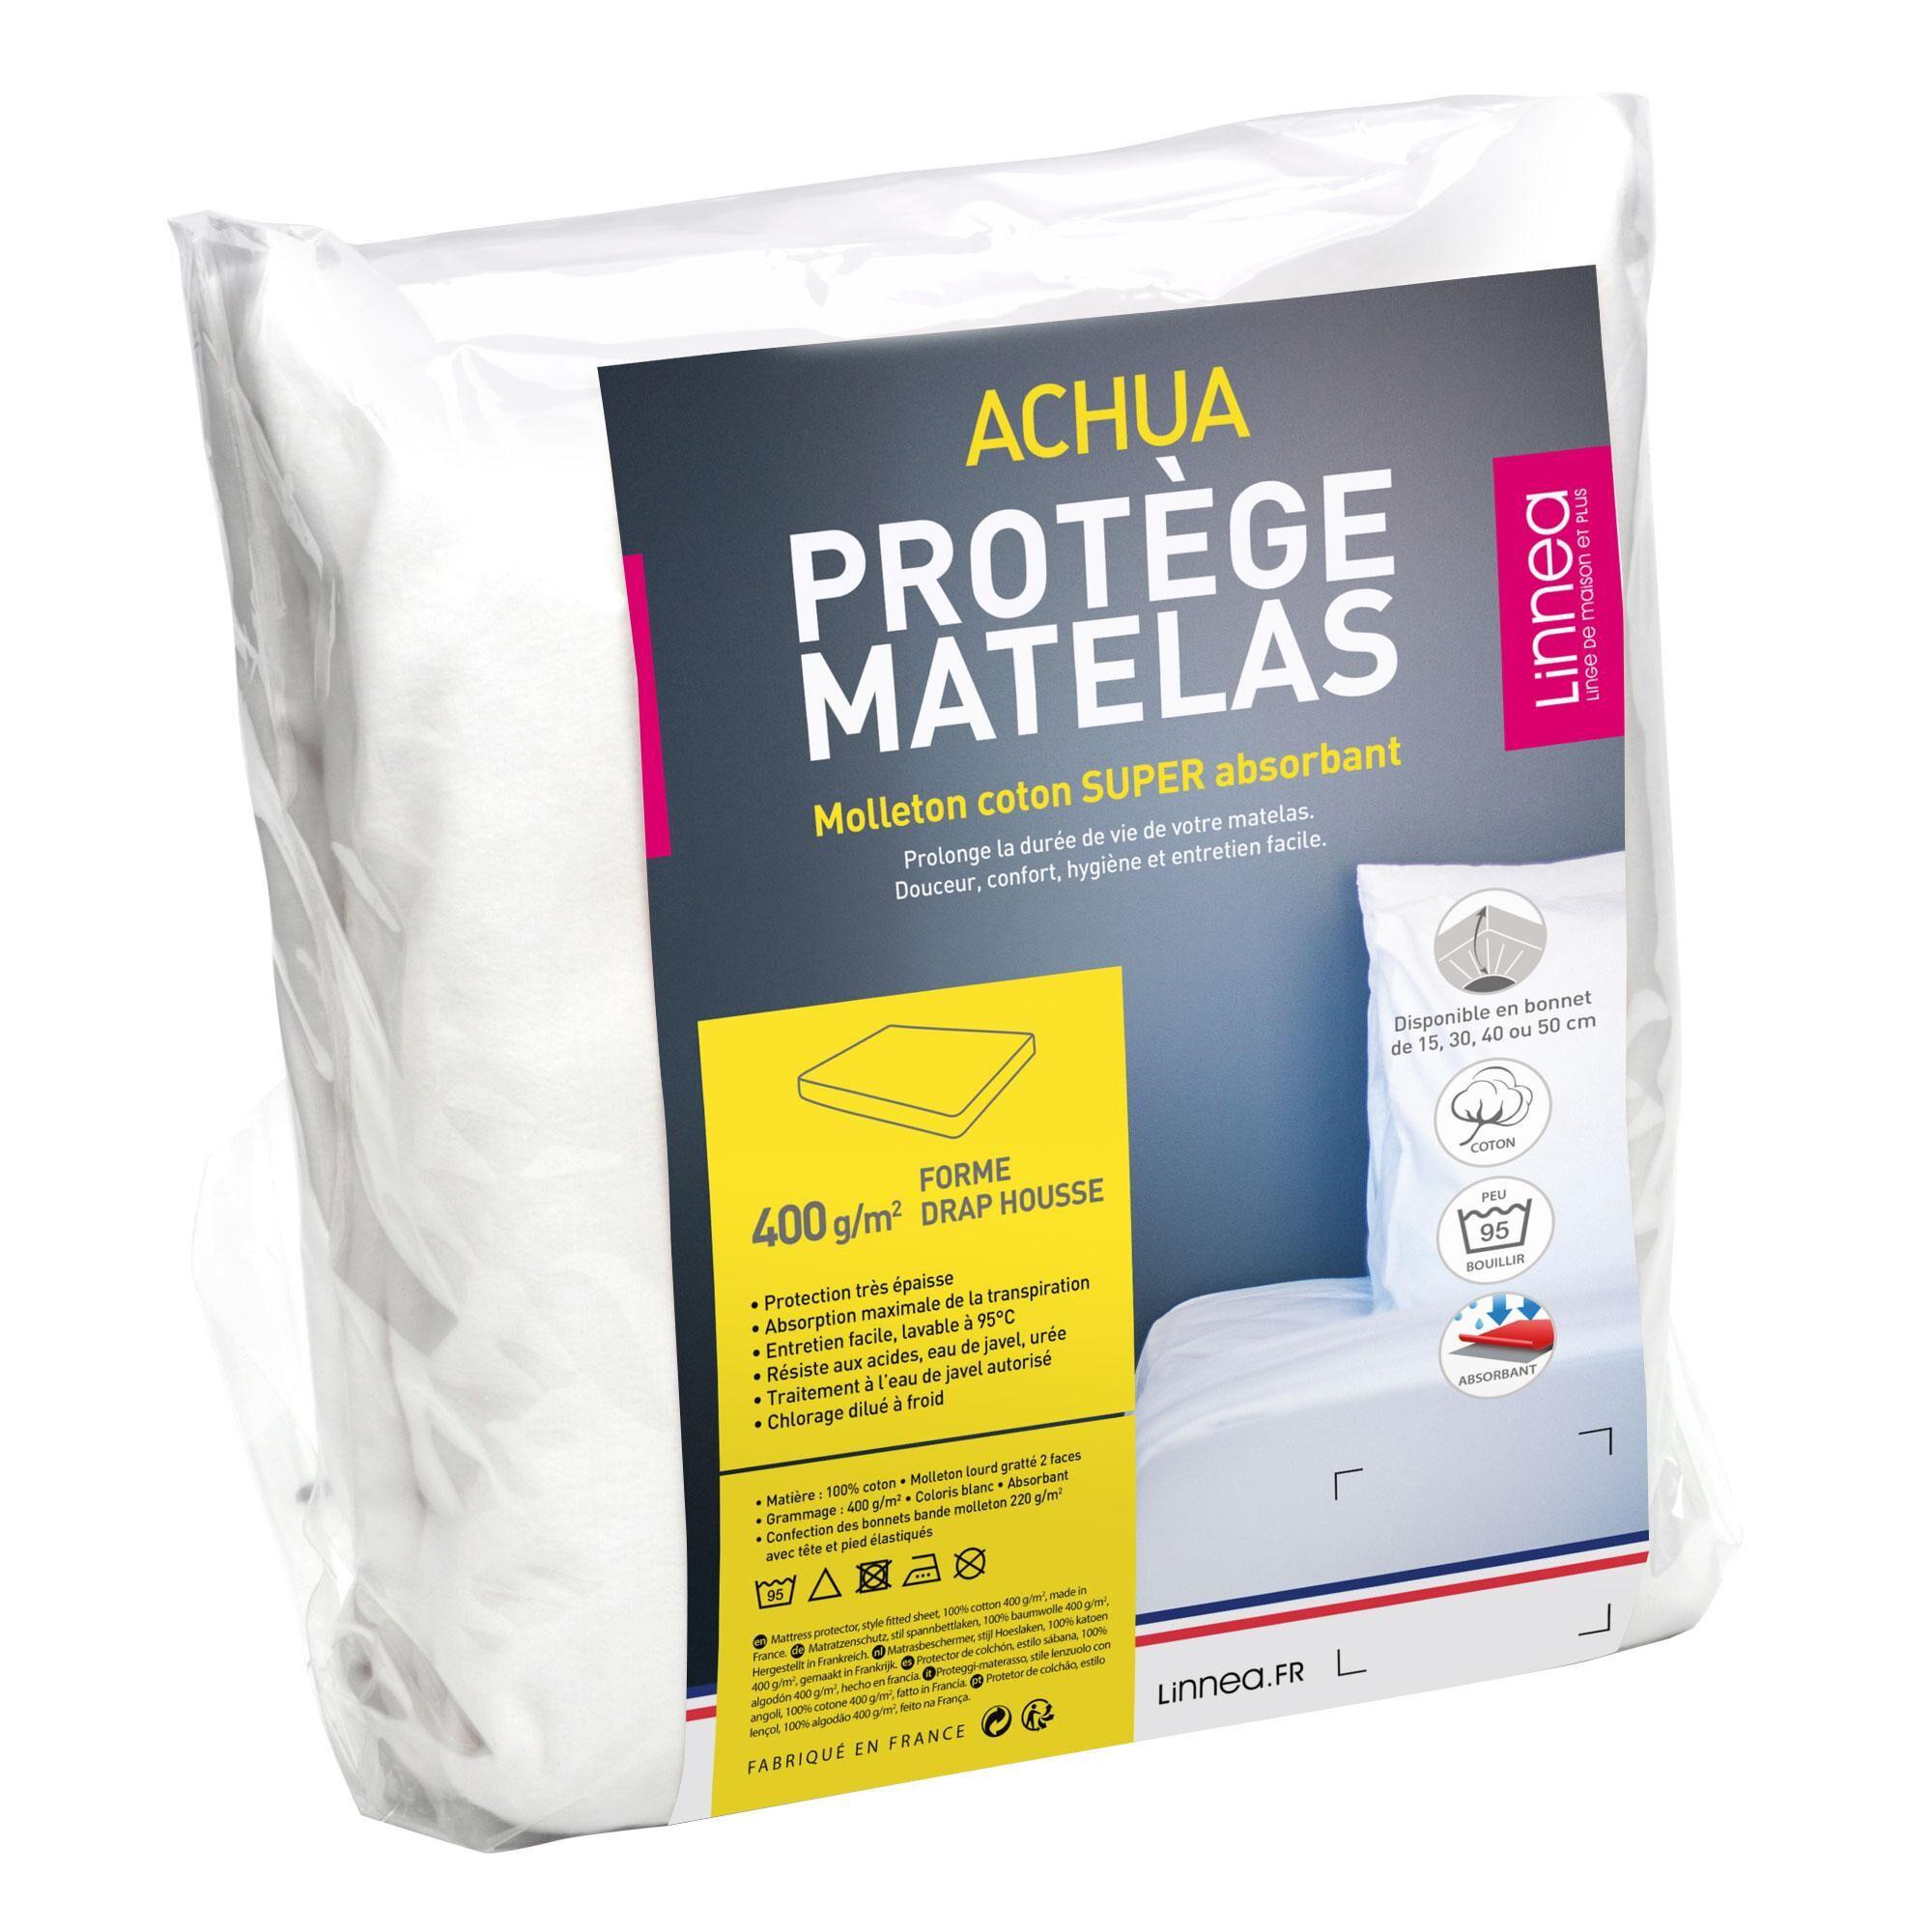 Linnea Protège matelas 80x200 cm ACHUA Molleton 100% coton 400 g/m2 bonnet 40cm